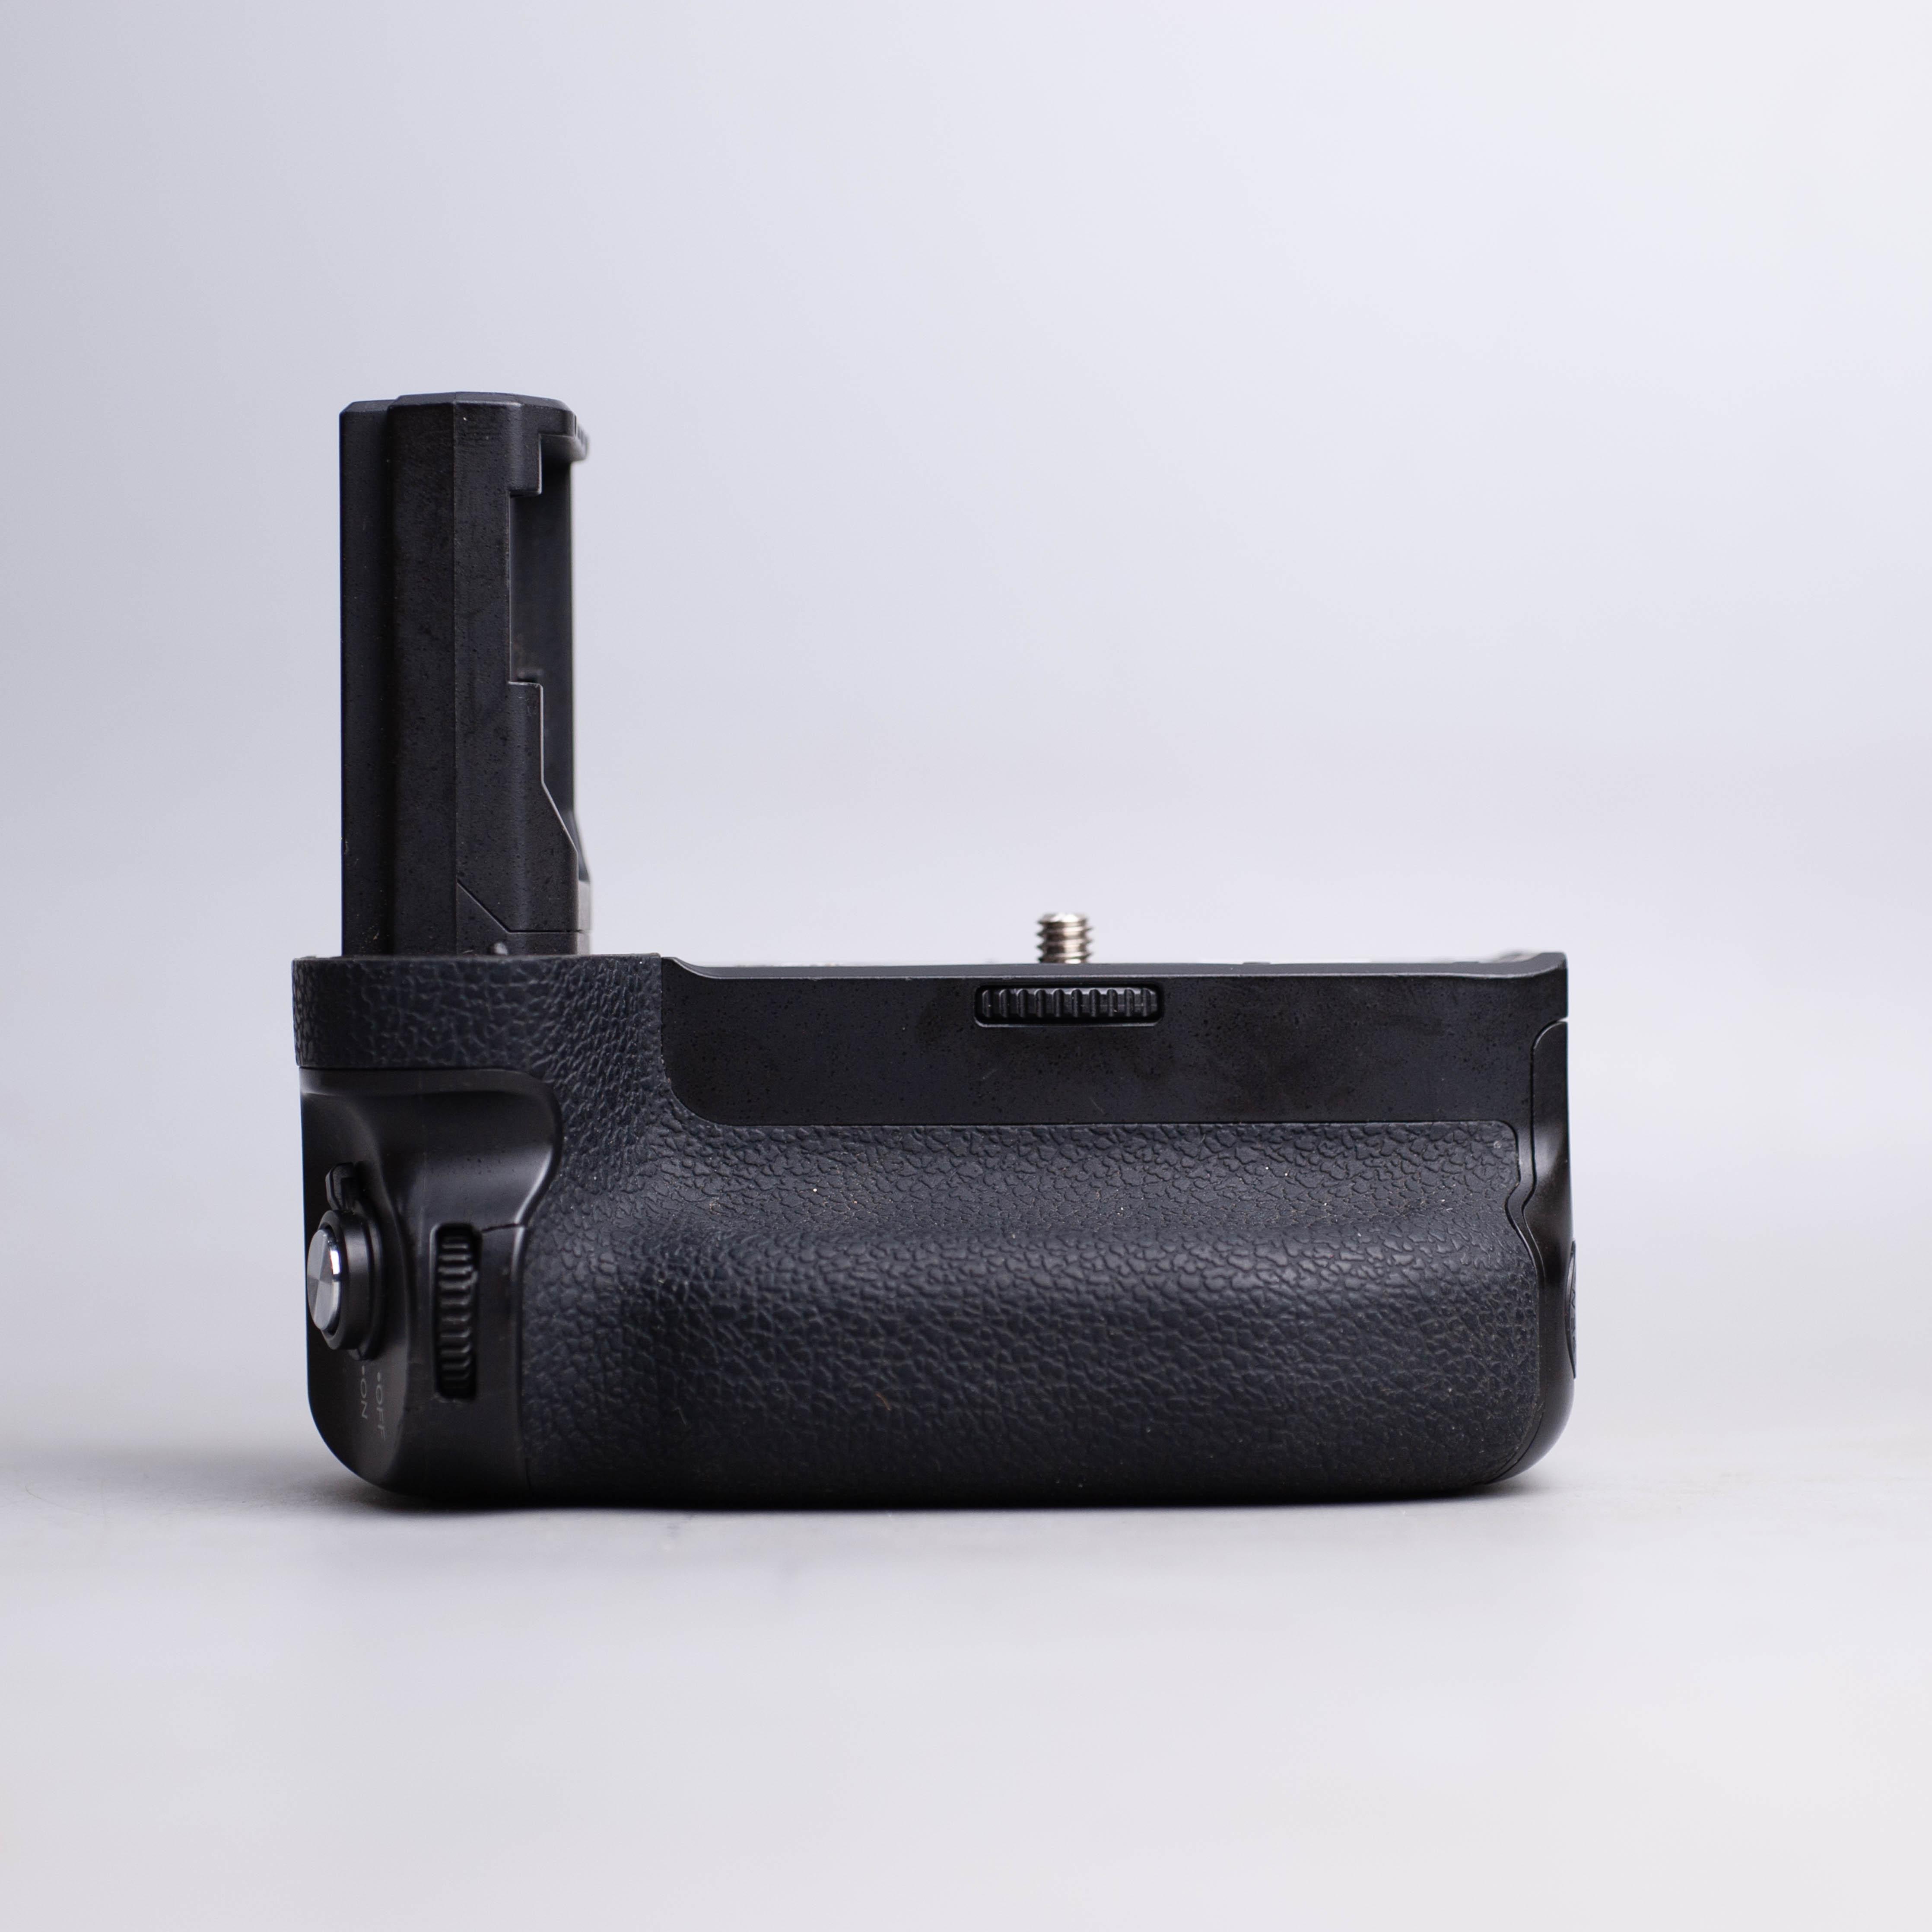 meike-mk-a9-for-sony-a9-a7iii-a7riii-battery-grip-18665